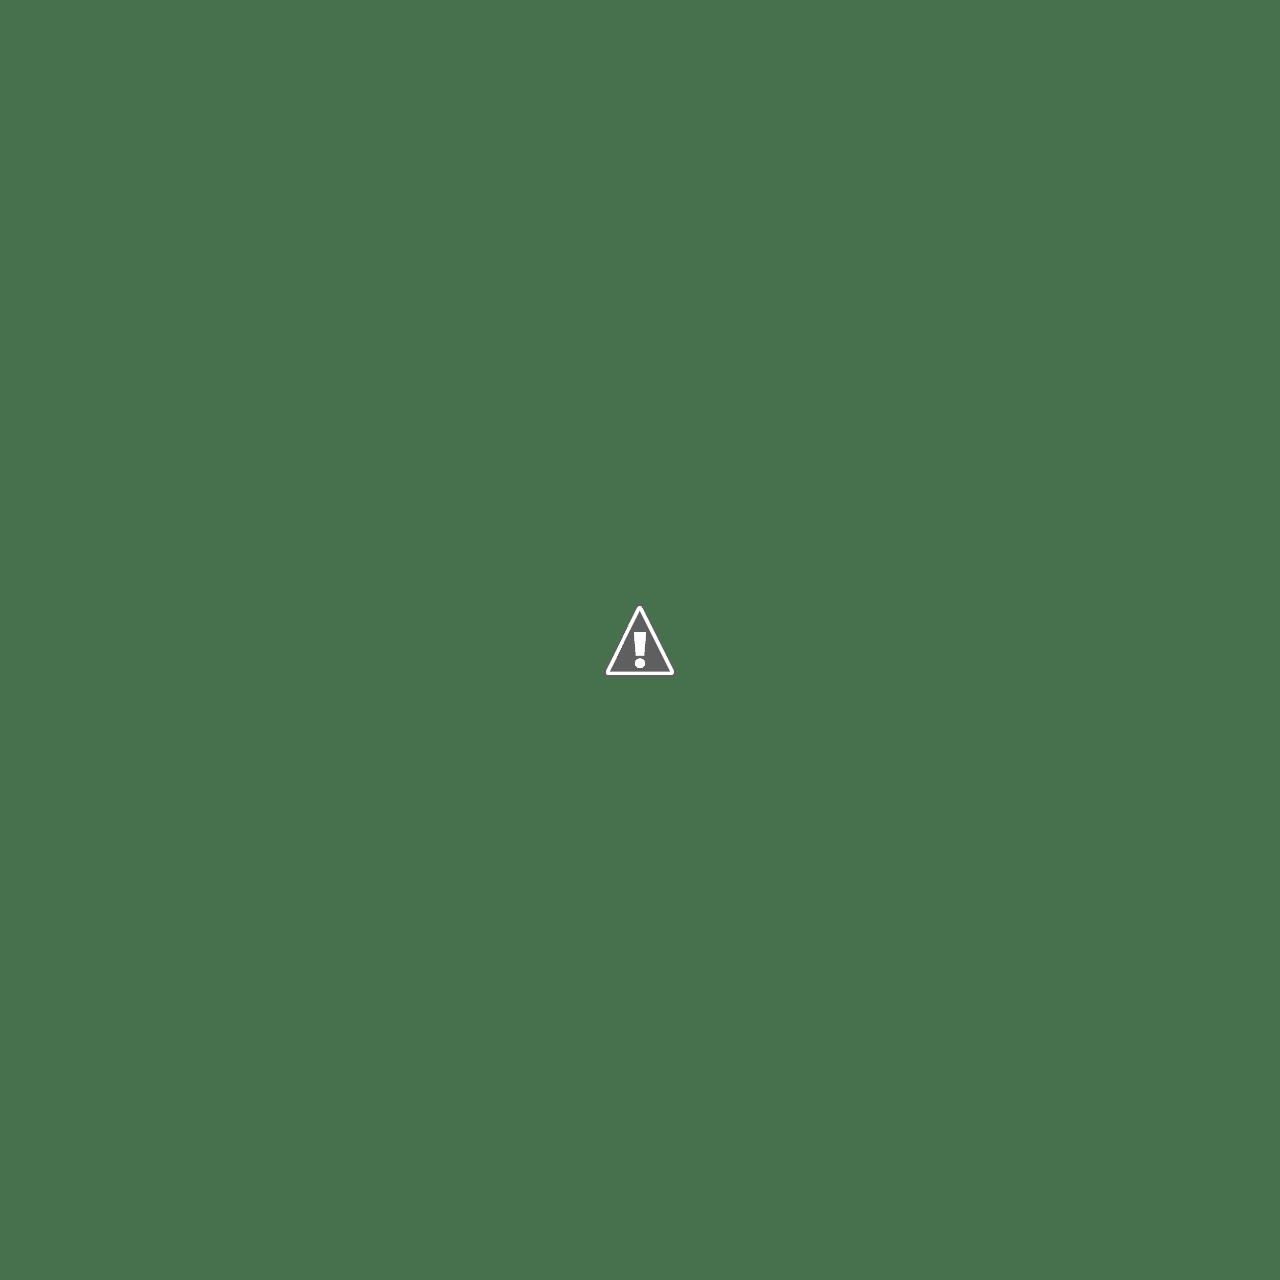 Ksp Nasari Alamat Pulomas Park Center Apartemen Tifolia R 09 Jalan Perintis Kemerdekaan No 04 Kayu Putih Kecamatan Pulo Gadung Kota Jakarta Timur